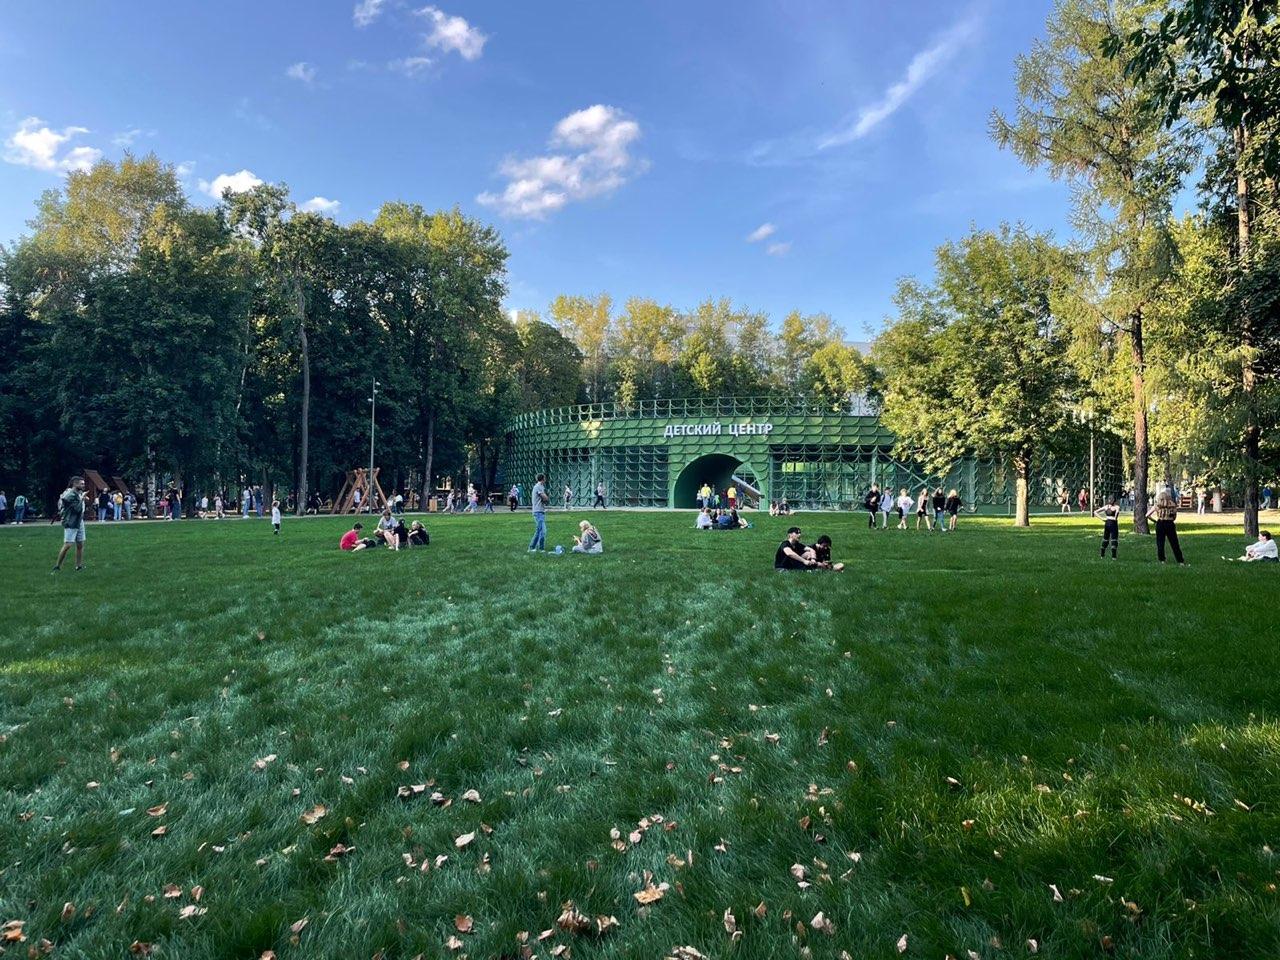 Парк «Швейцария» в Нижнем Новгороде: ожидания VS реальность - фото 1